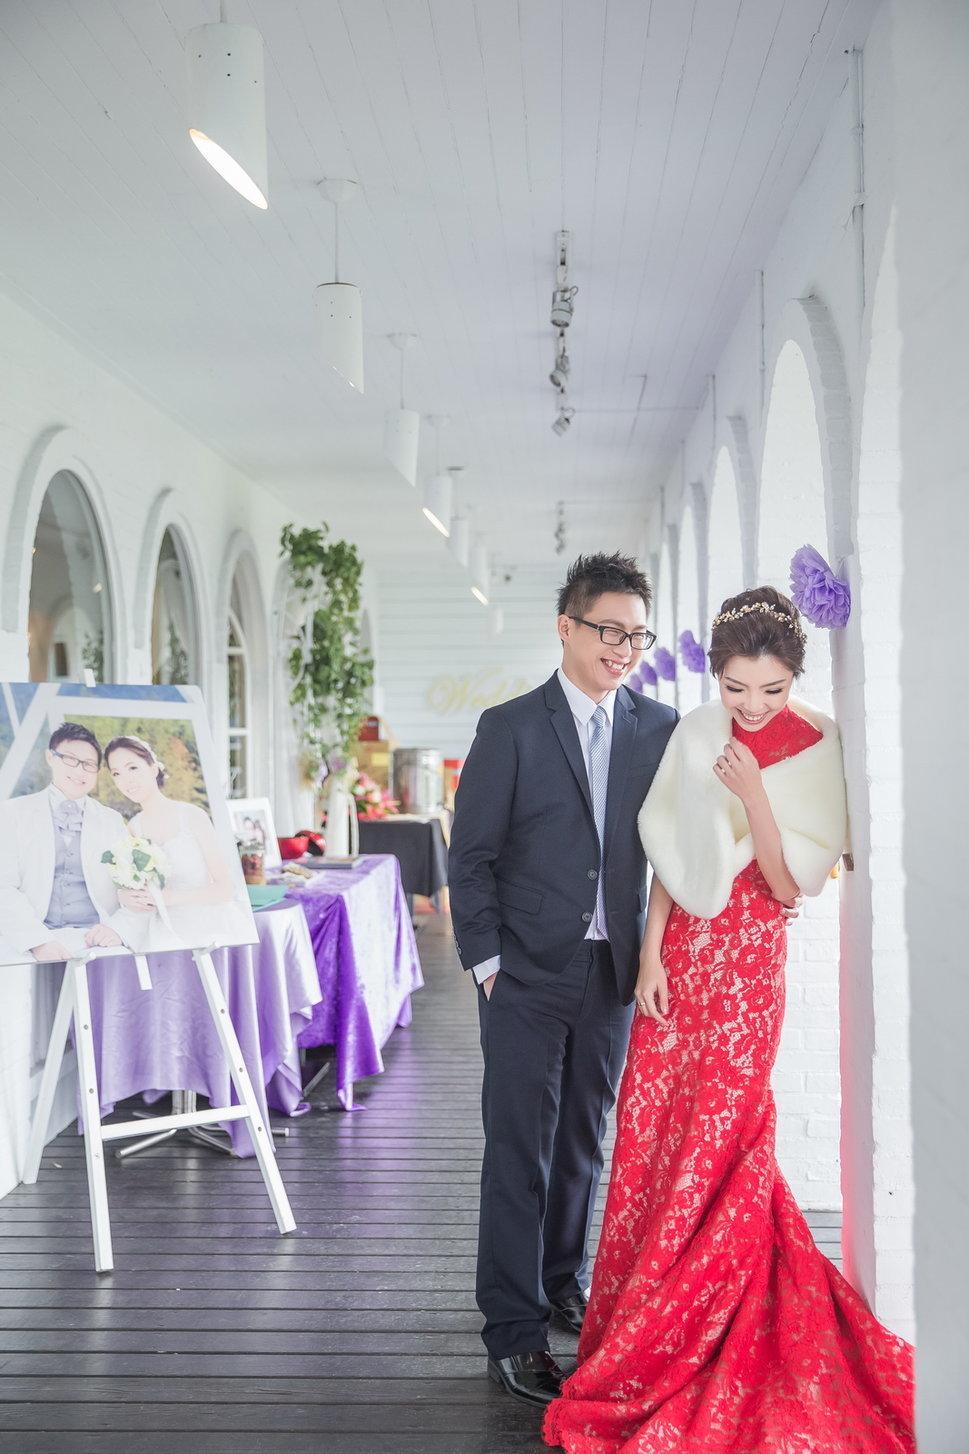 婚禮記錄作品集(編號:349631) - 阿卜的攝影工作室 - 結婚吧一站式婚禮服務平台